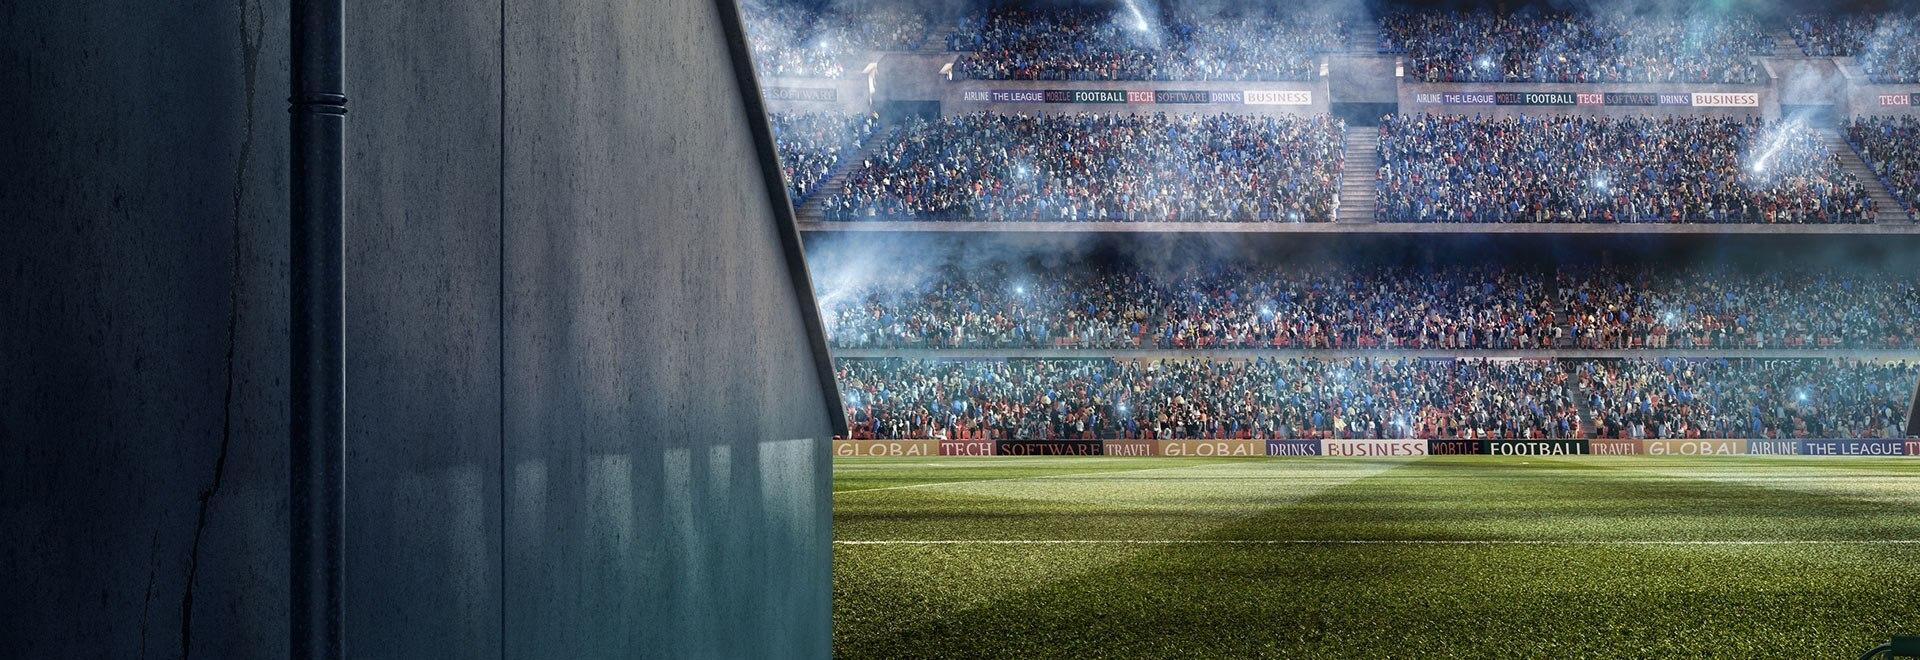 Juventus U23 - Livorno. 23a g.